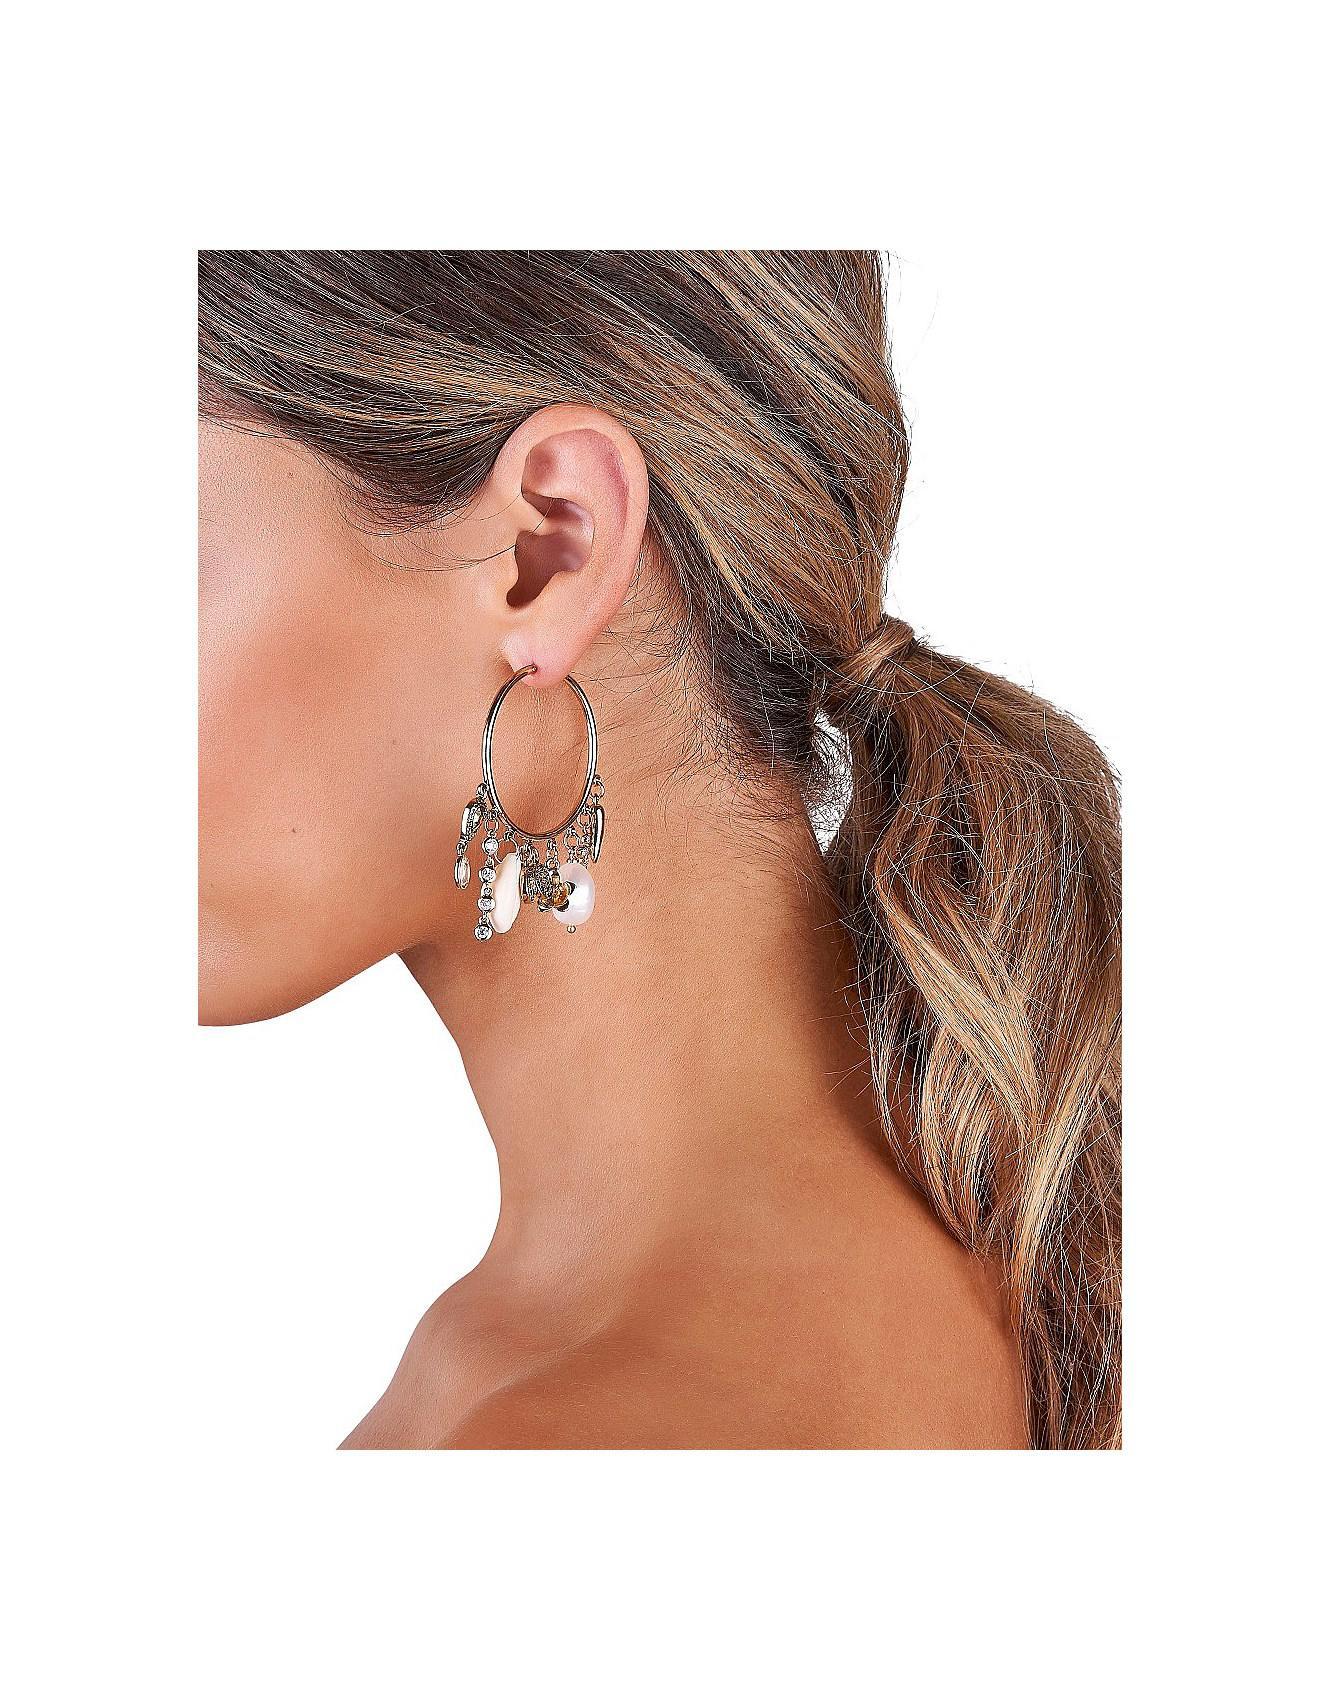 Meet Me In Monaco Hoop Earrings